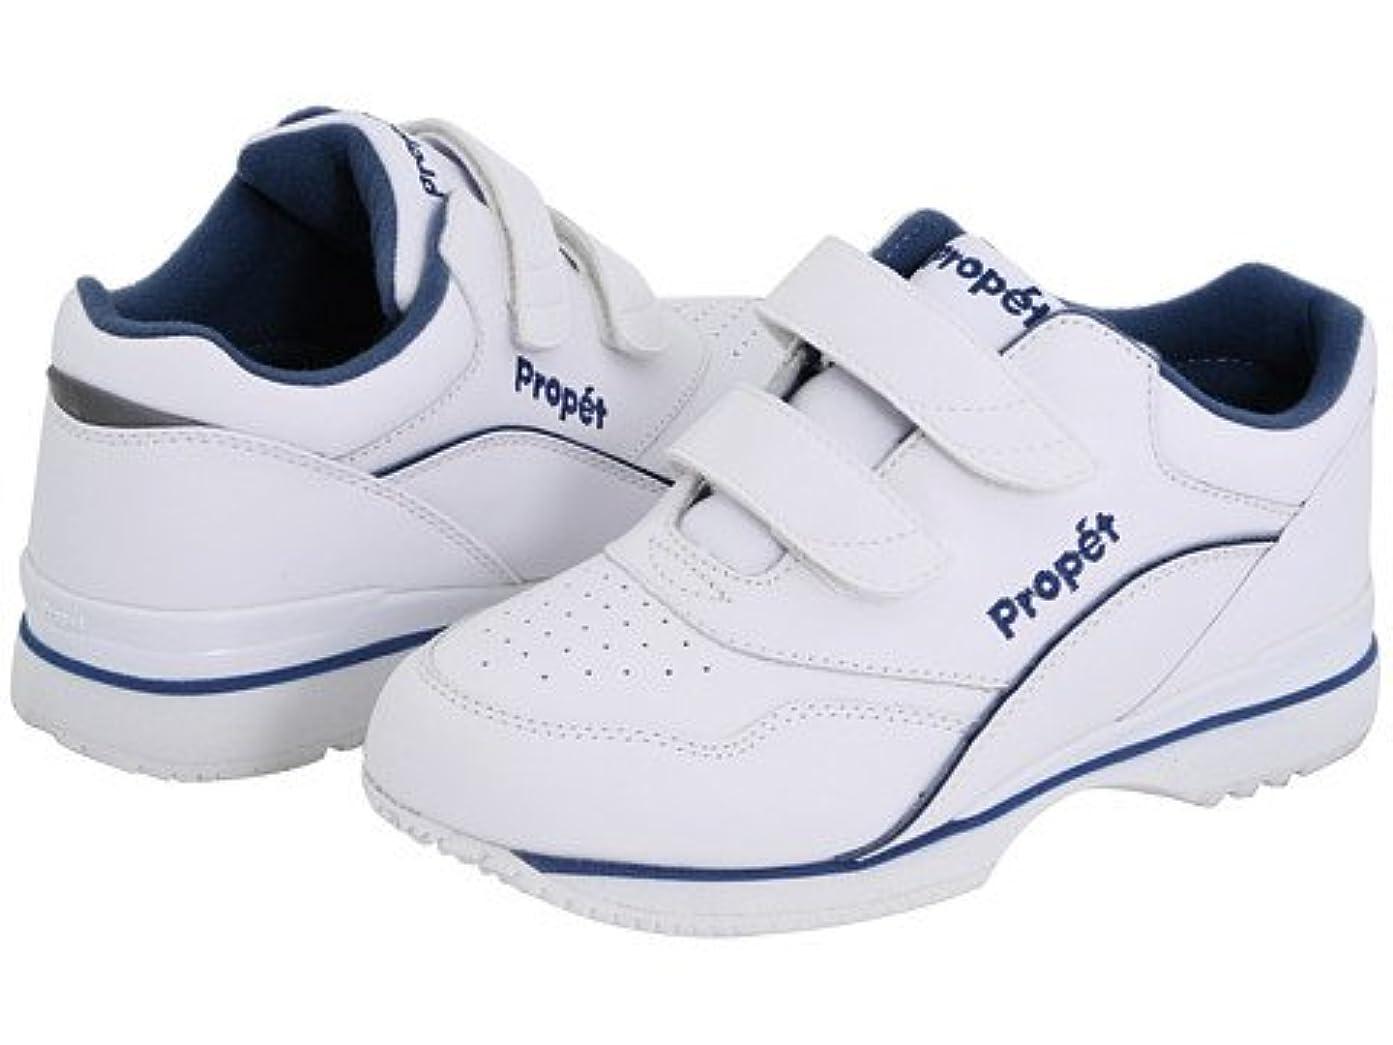 モール折り目ハロウィン(プロペット) Propet レディースウォーキングシューズ?カジュアルスニーカー?靴 Tour Walker Medicare/HCPCS Code = A5500 Diabetic Shoe White/Blue 6 23cm W (D) [並行輸入品]